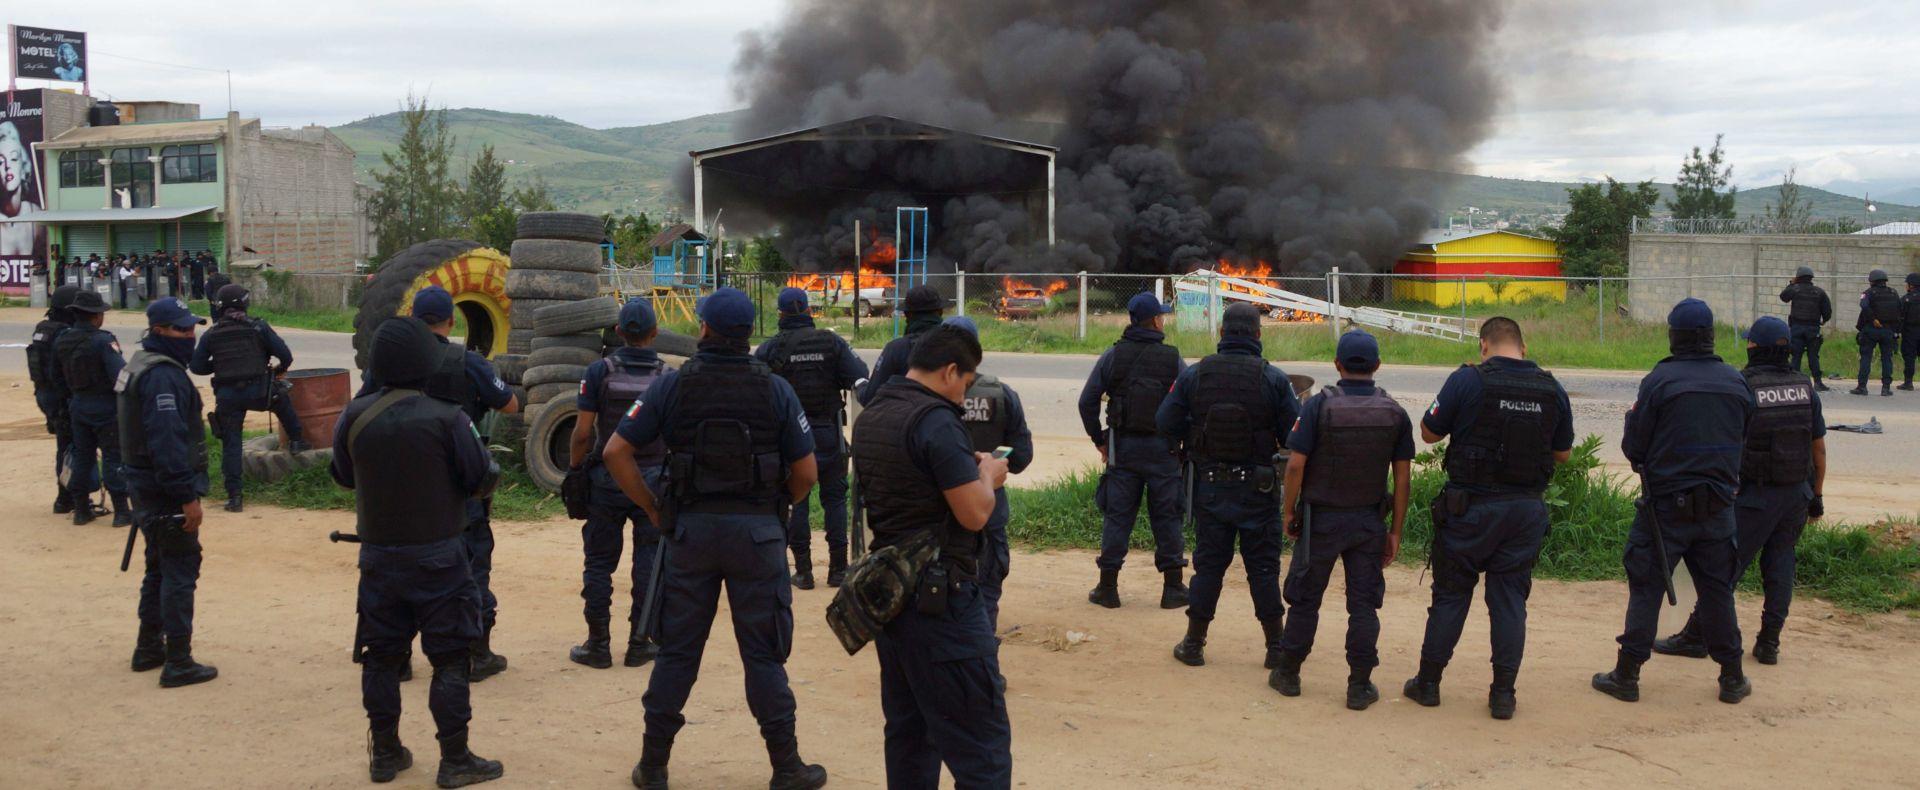 MEKSIKO U međusobnom članova bande nasilju ubijeno 28 zatvorenika